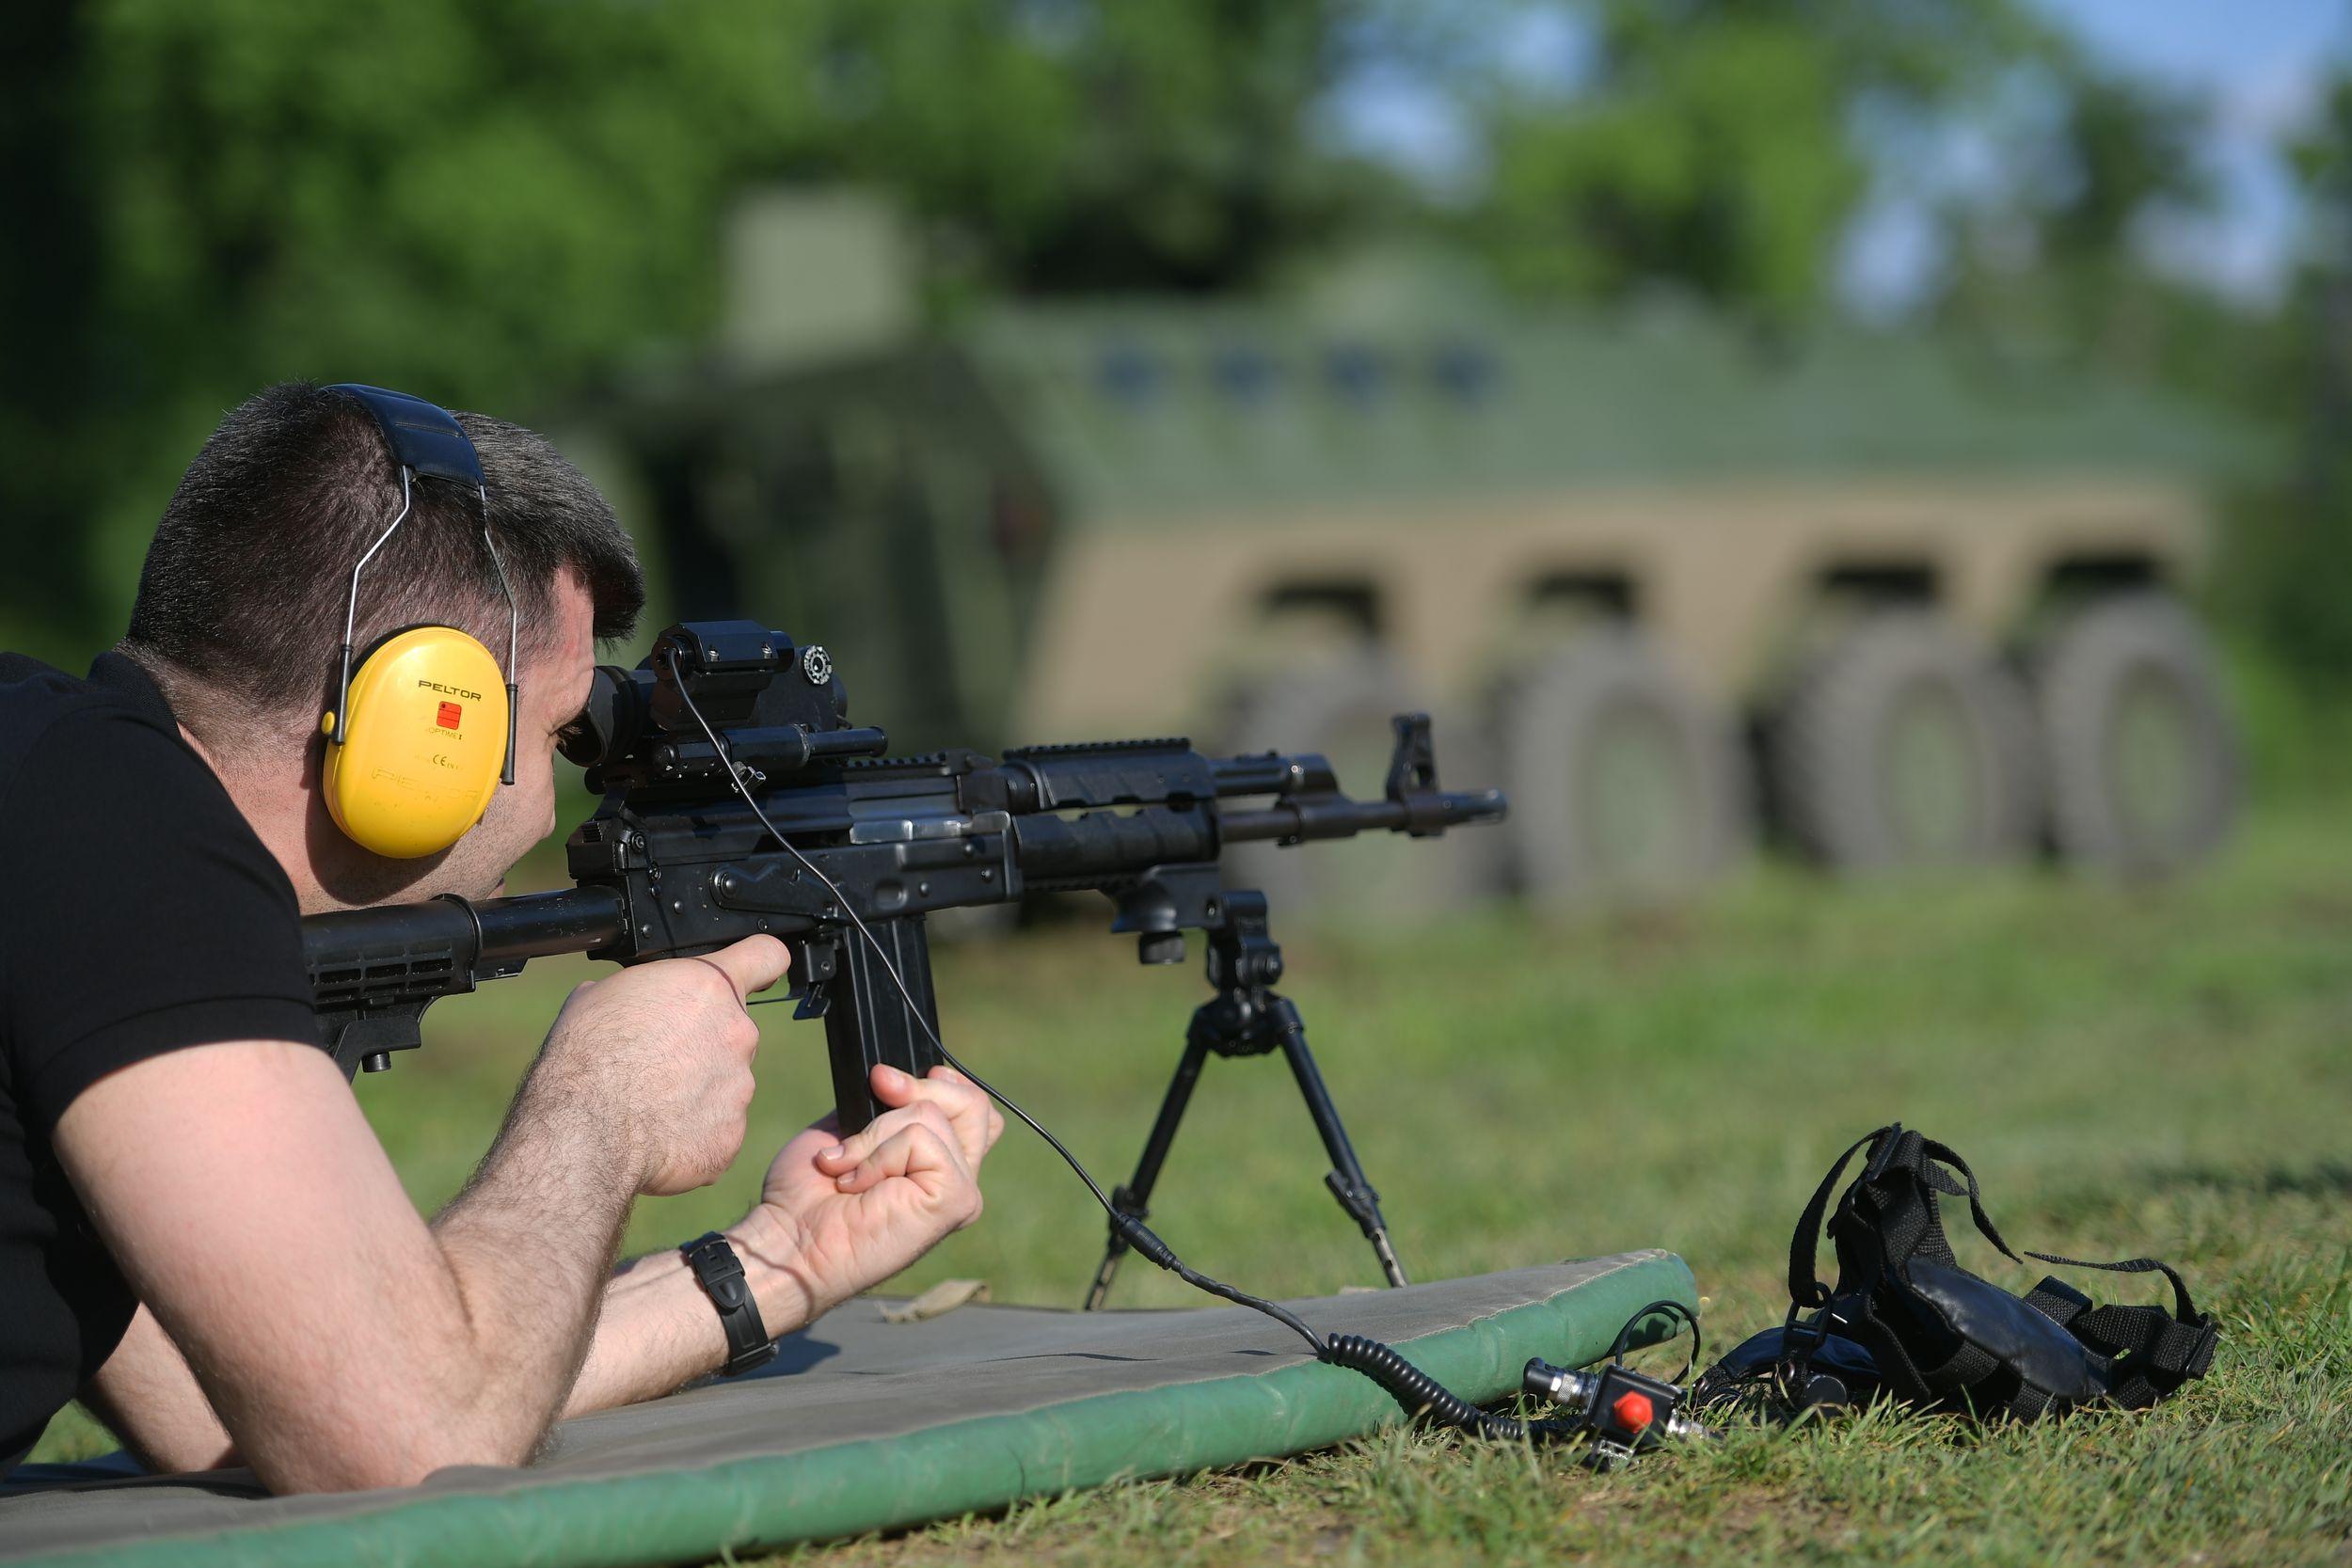 Застава оружје - производи (М70, М72, М77, М92, М21, CZ99, M57...)  - Page 35 Jov_9177_1_1494088523